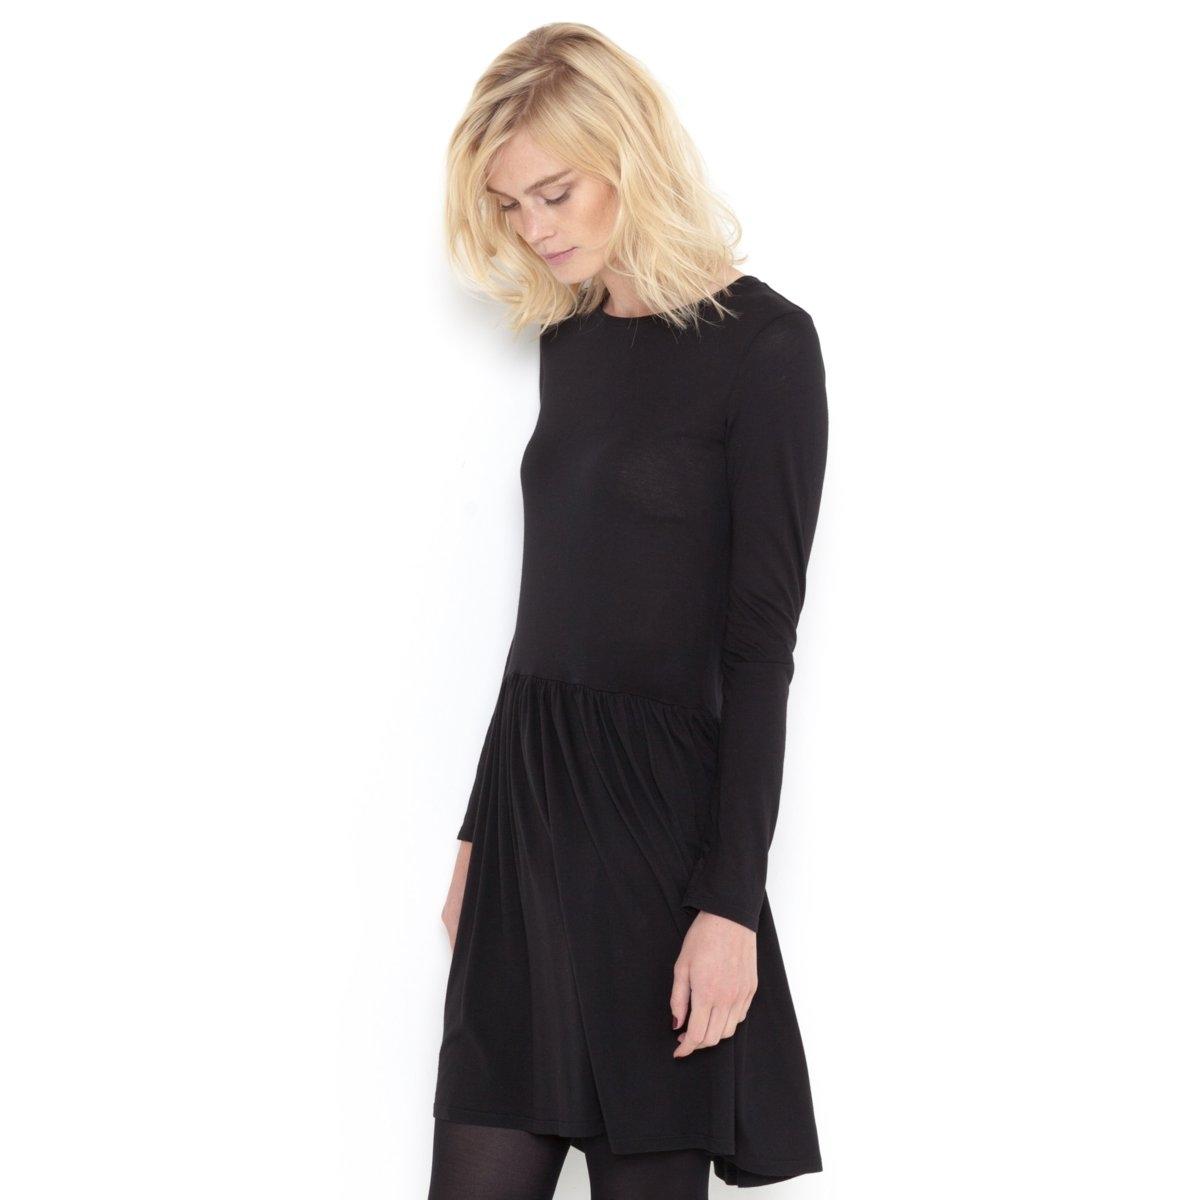 Платье с длинными рукавамиПлатье R ESSENTIELS в стиле кэжуал. Мягкий трикотаж и покрой трапеция для комфорта при повседневной носке! Длинные рукава. Круглый вырез. Отрезное по талии. Верх в форме широкой футболки, свободный низ со складками под линией отреза. Длина: 90 см. Трикотаж: 50% хлопка, 50% модала.<br><br>Цвет: черный<br>Размер: 38/40 (FR) - 44/46 (RUS)